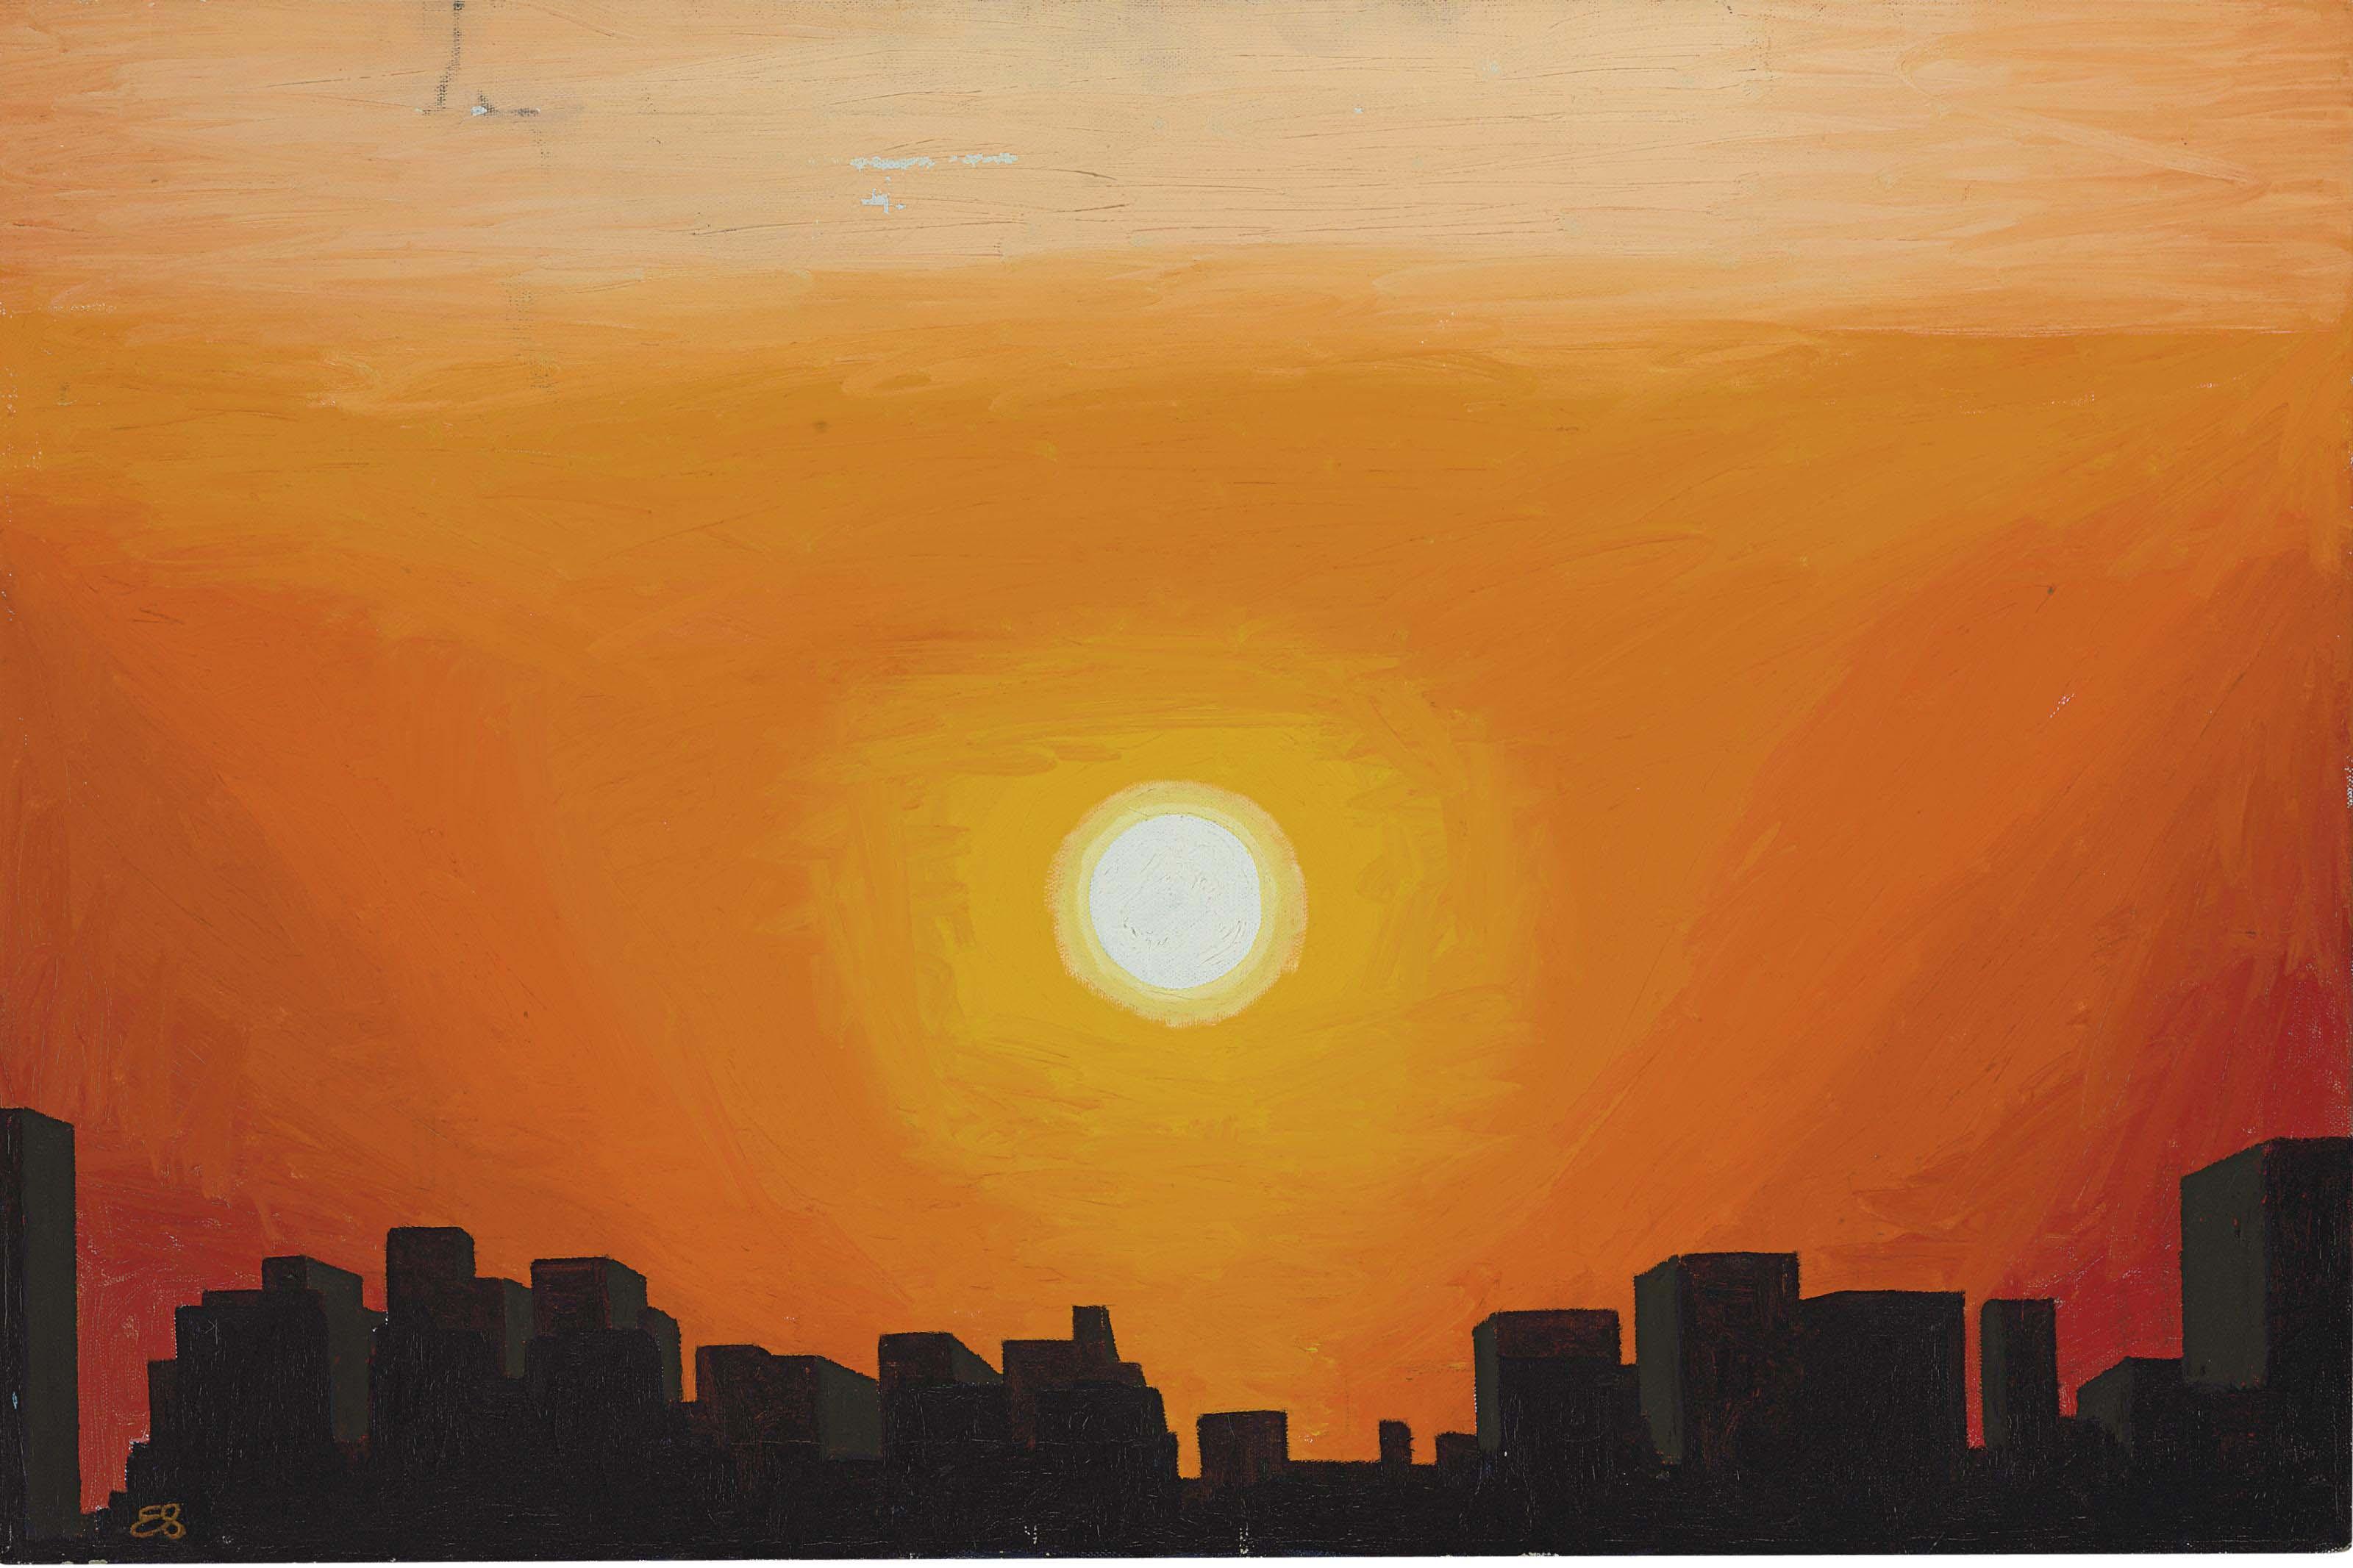 Untitled (Sunrise Over City)